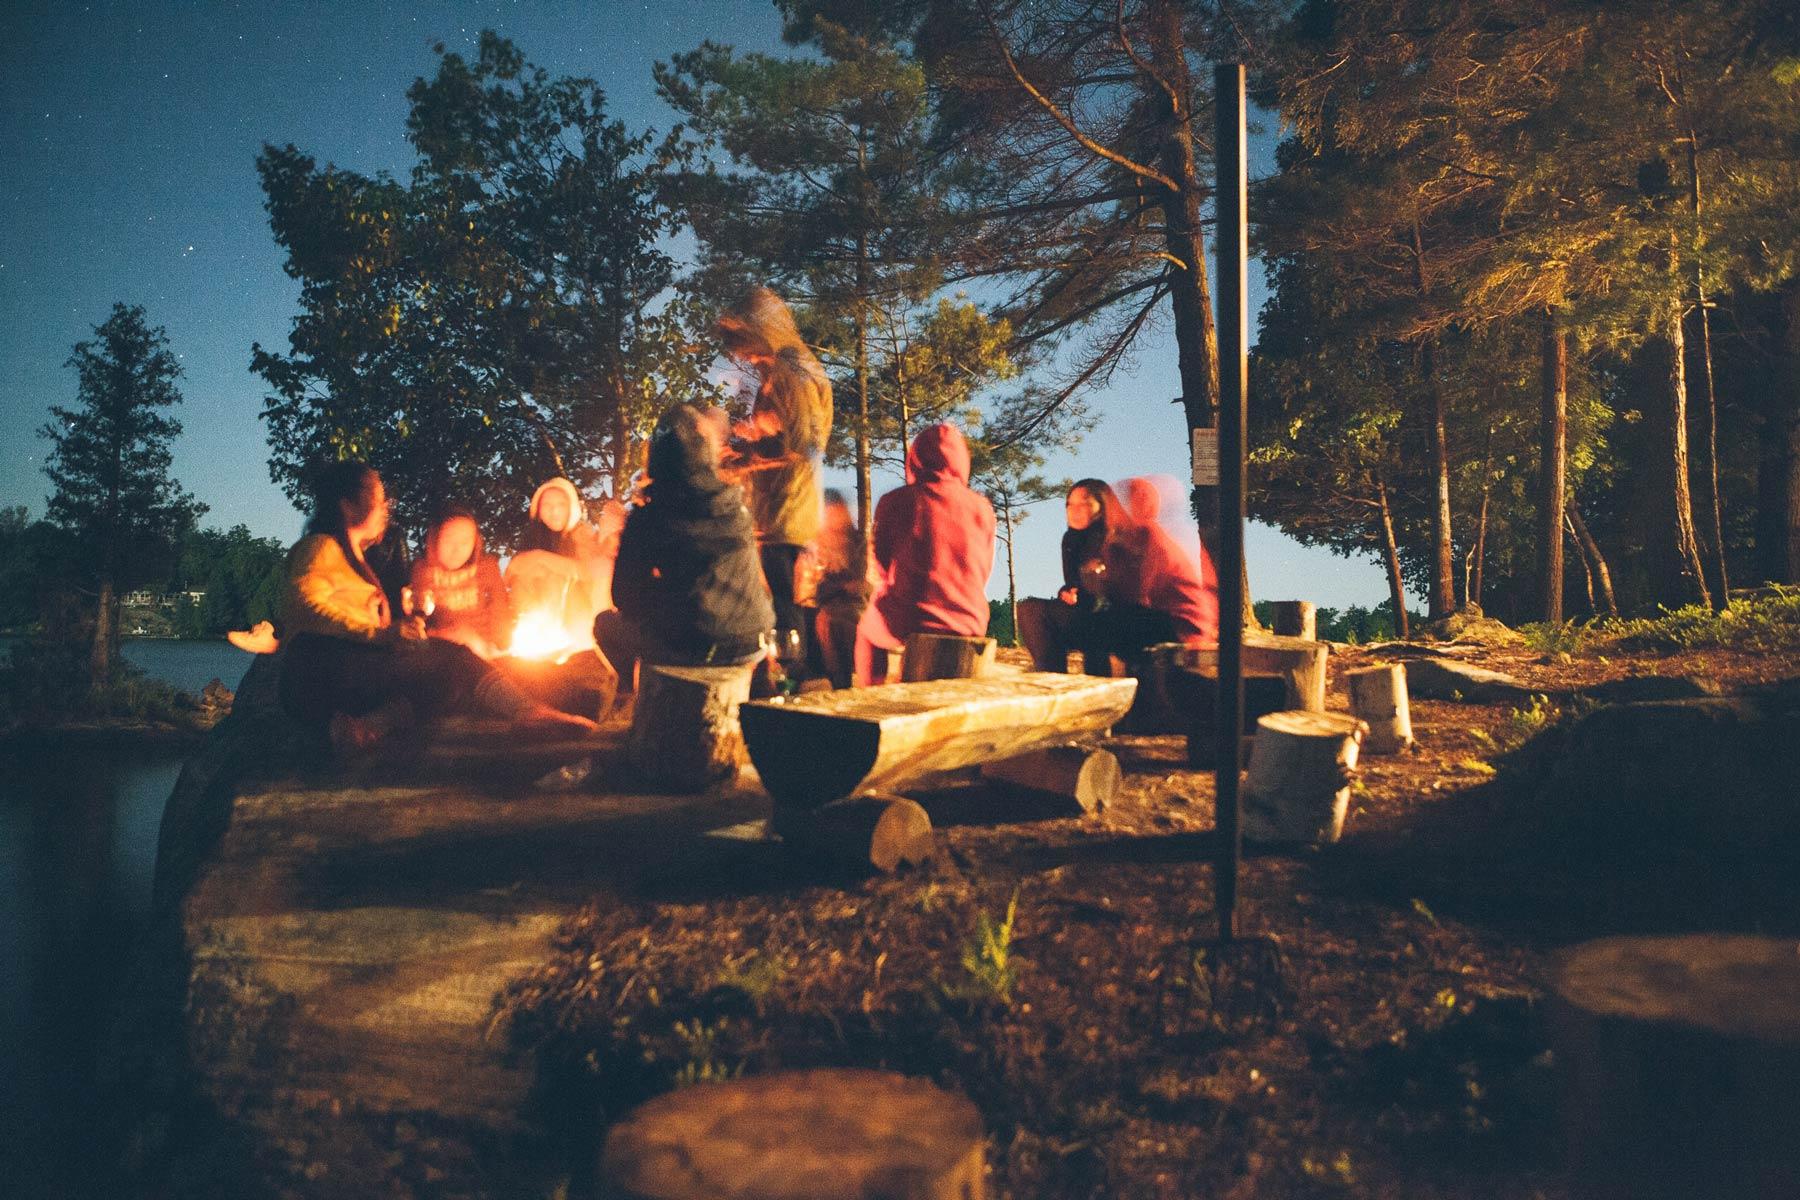 Bella Center er klar til sin årlige Fri-messe med fokus på blandt andet camping og udendørslivet under ferien. Foto: Bella Center.